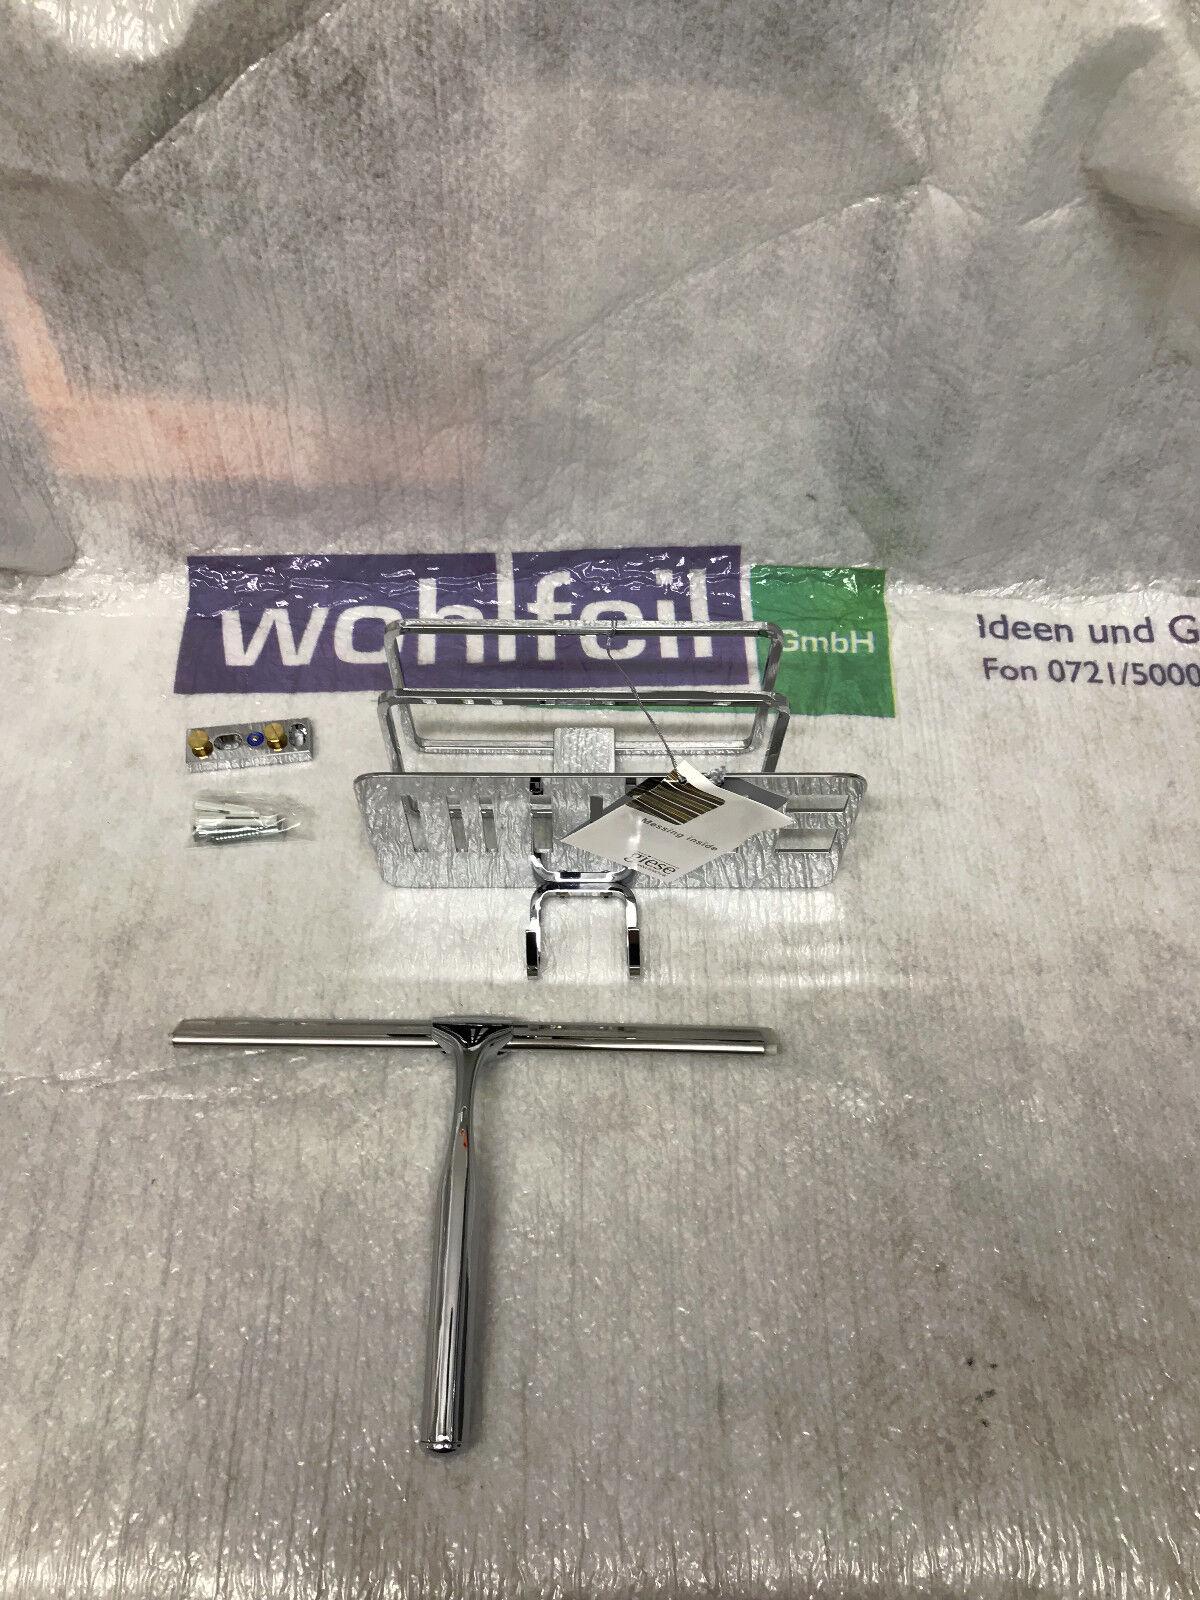 Giese Durschkorb Piano mit Wischer, chrom; chrom; chrom; Art-Nr.  30766-02 | Outlet  901525